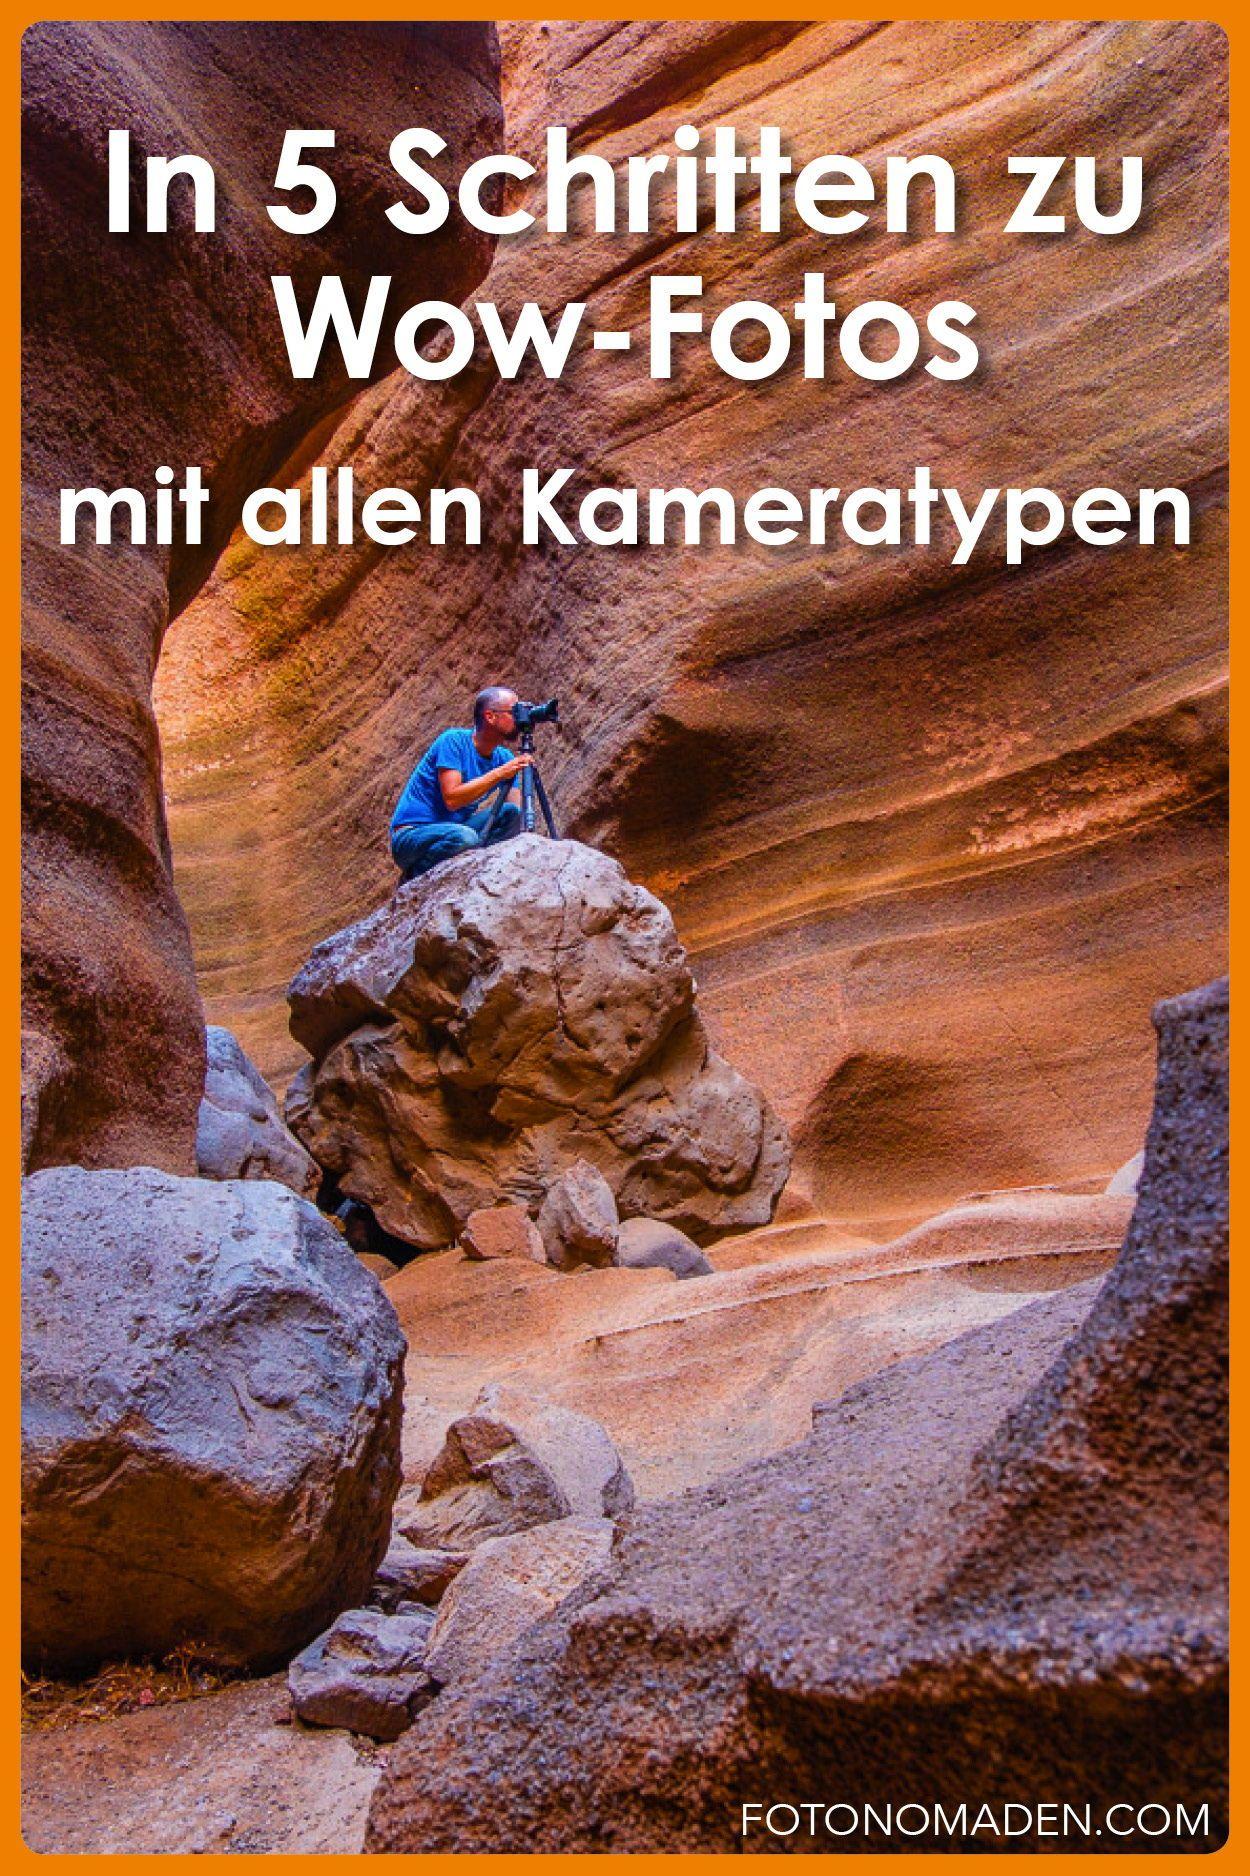 Wieso der Kameratyp unwichtig ist & was zählt | FOTONOMADEN.COM #naturallandmarks